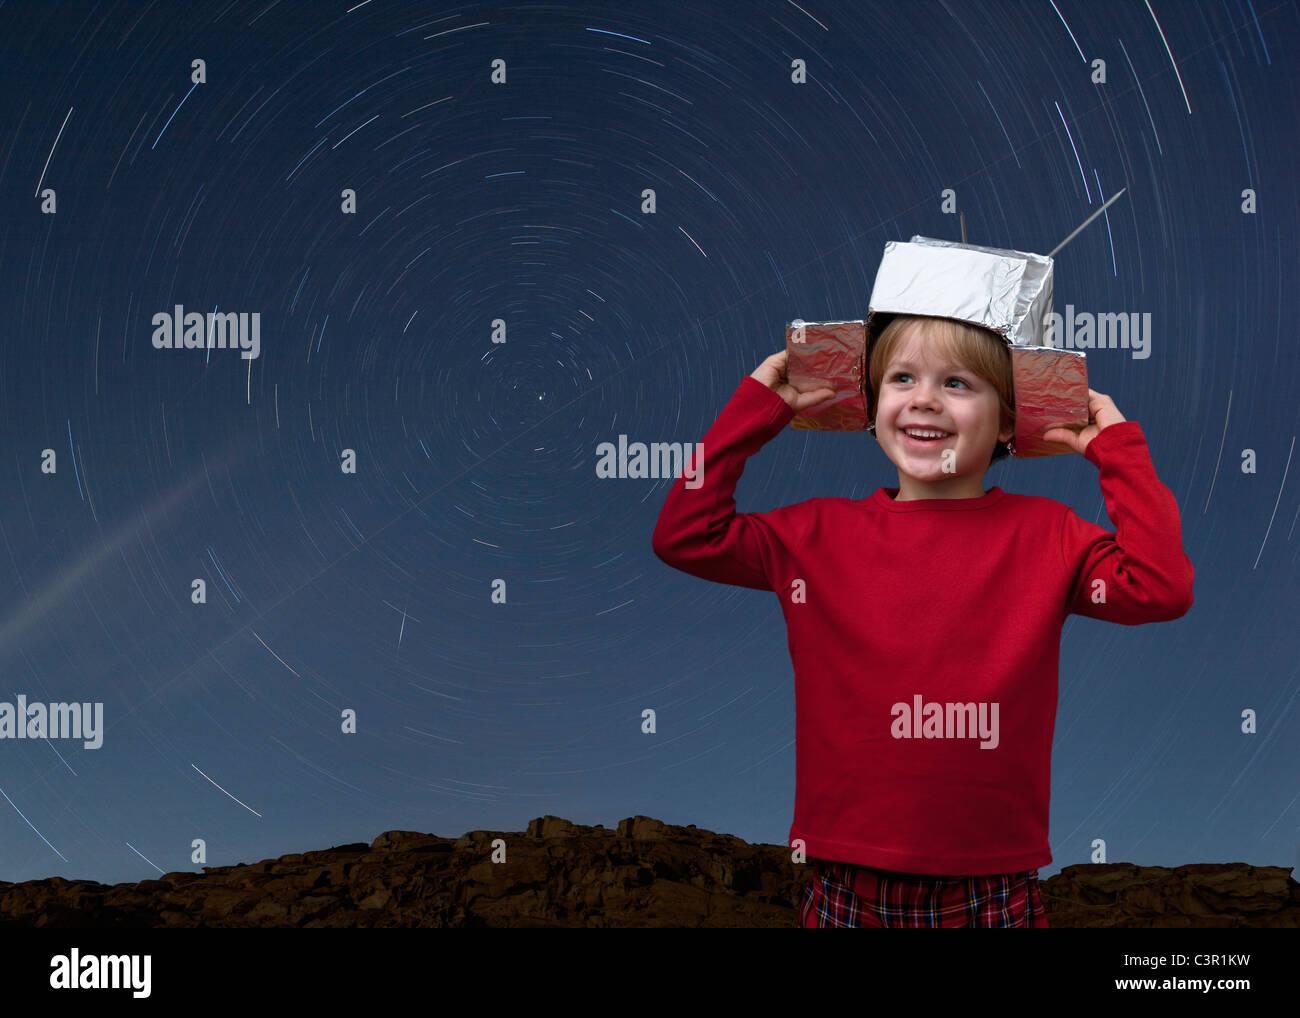 La Croatie,Garçon avec chapeau de l'espace et star trail dans le ciel Photo Stock